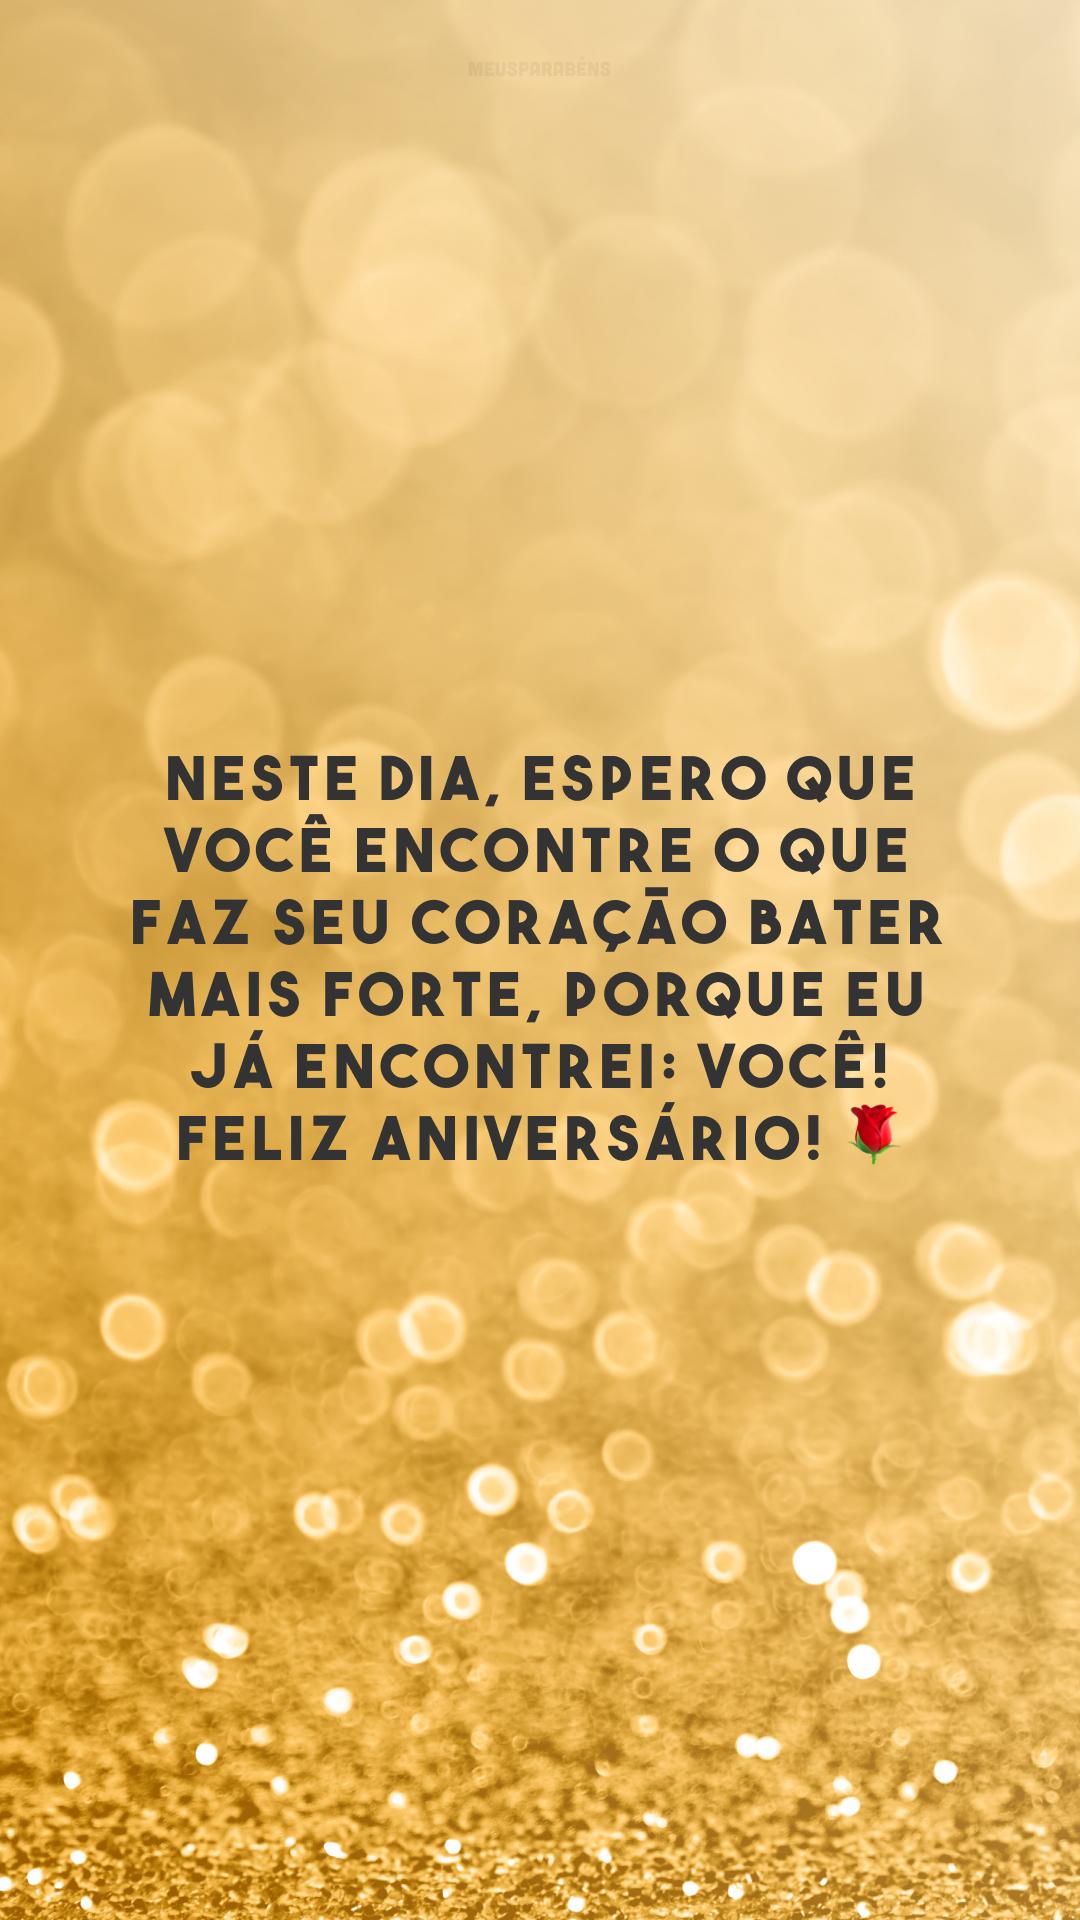 Neste dia, espero que você encontre o que faz seu coração bater mais forte, porque eu já encontrei: você! Feliz aniversário! 🌹